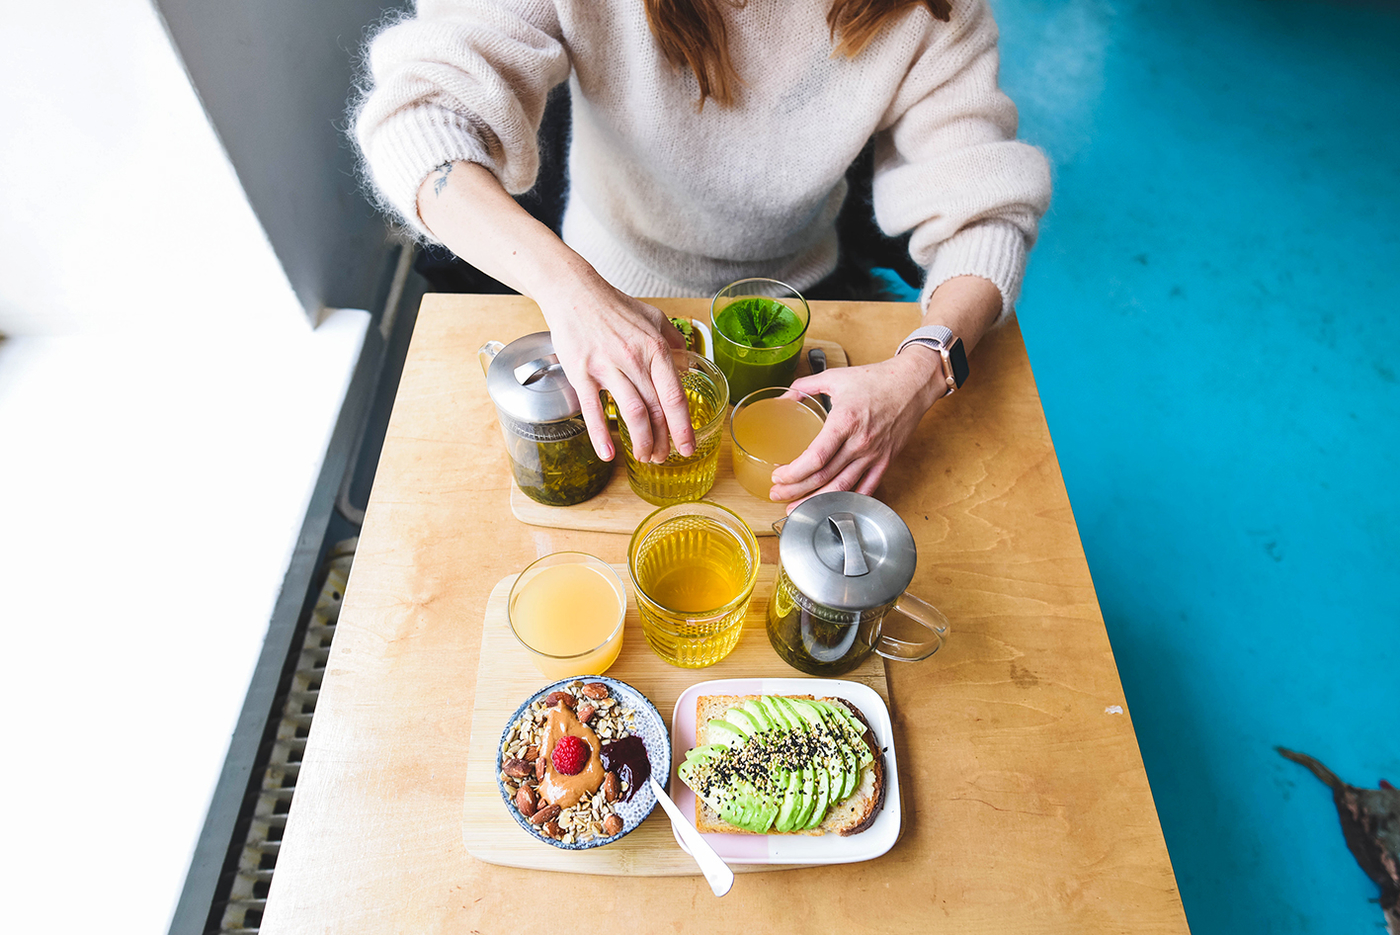 kuumahelsinki-kahvila-aamiainen-naistenpaiva-sundayblondie-2.jpg